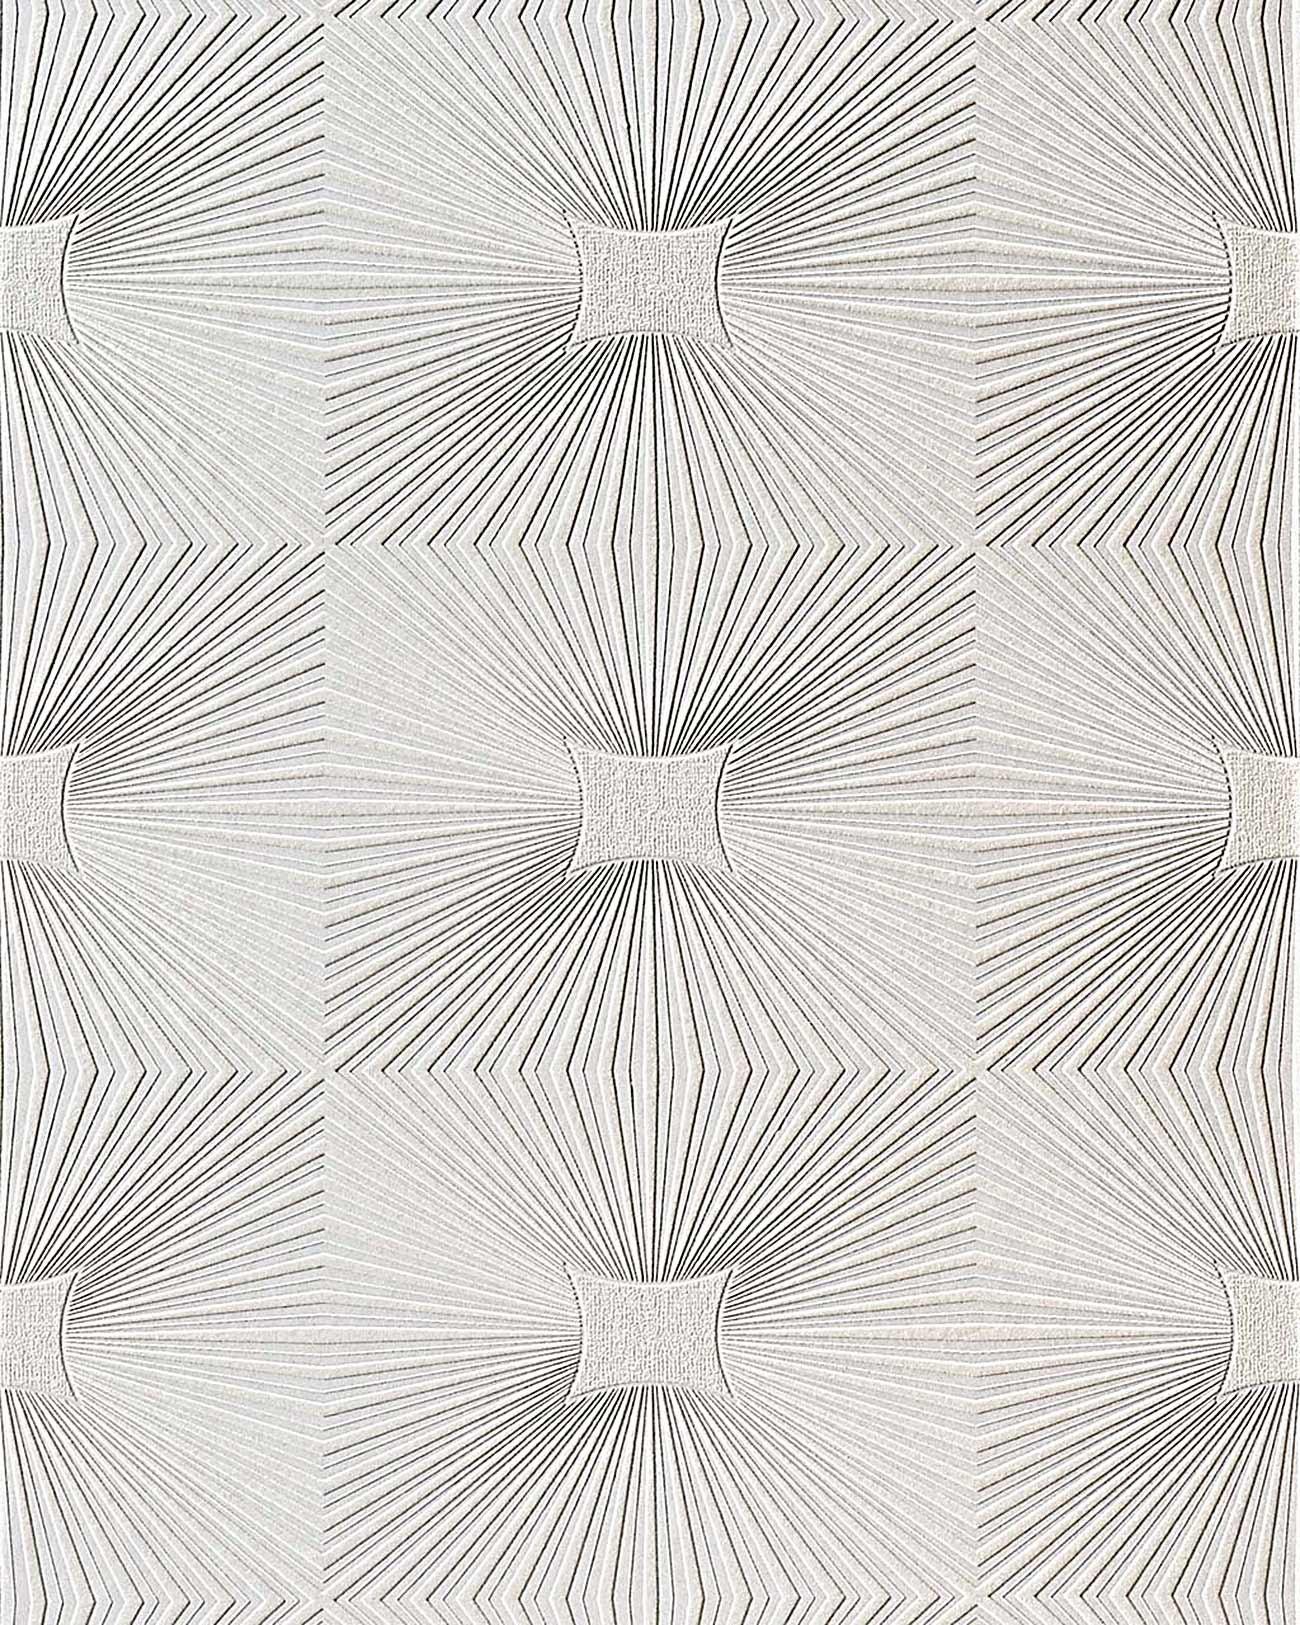 papel pintado vinlico edem para techos y paredes con textura decorativa de paneles en blanco